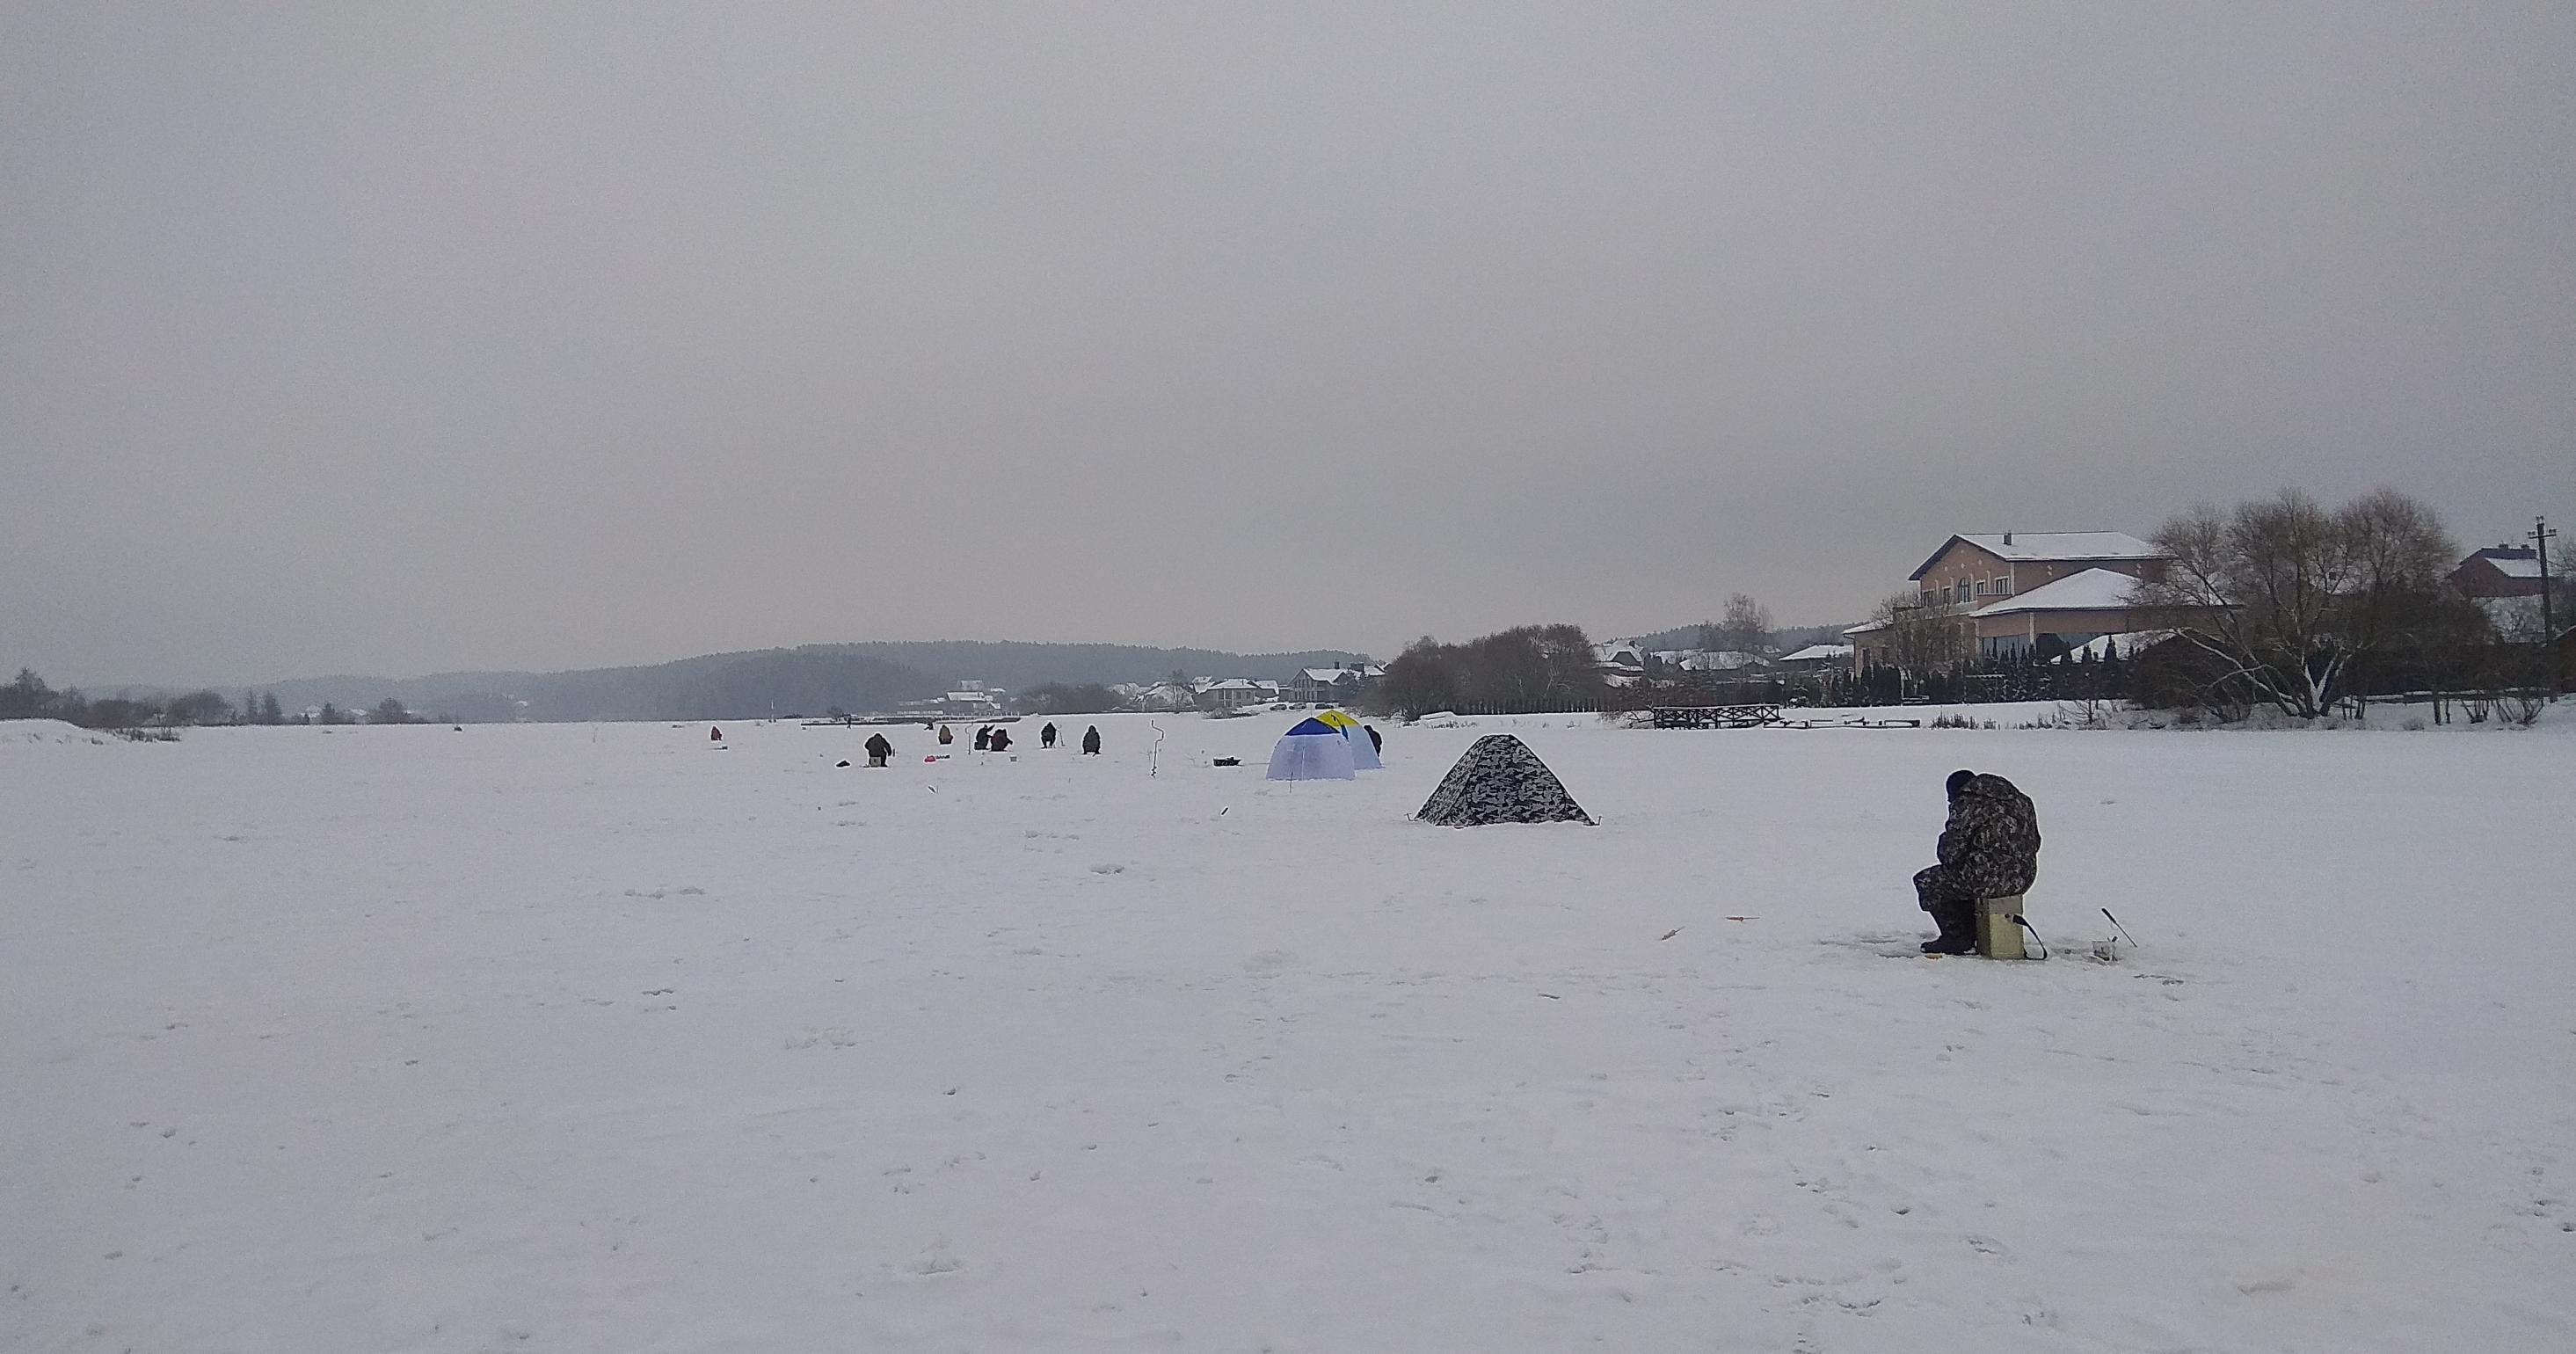  Ну здравствуй,плотва!В этом году на рыбалке не ...   Отчеты о рыбалке в Беларуси